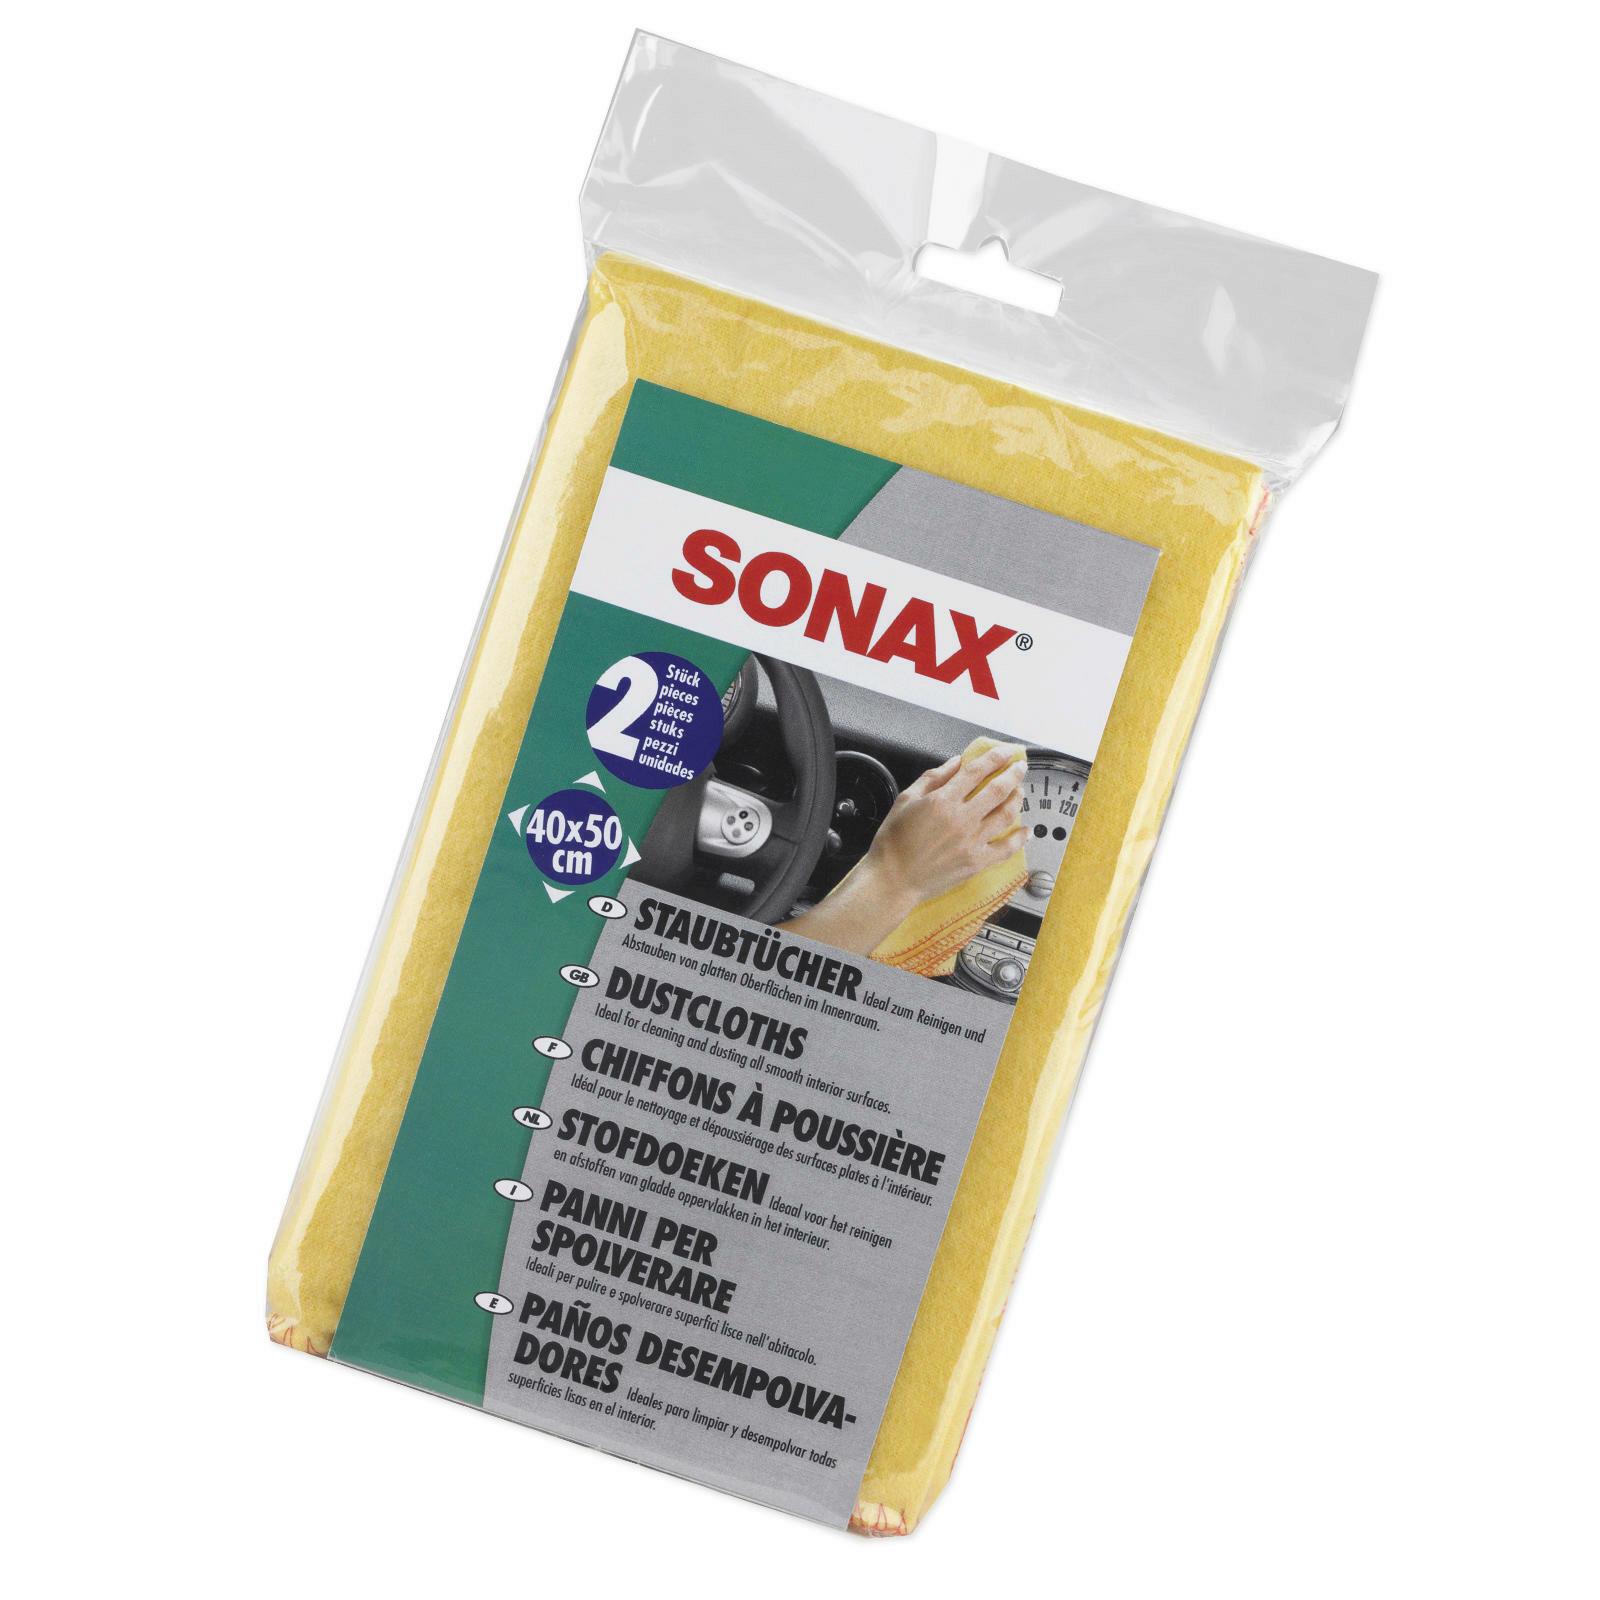 SONAX StaubTücher (2 St.)